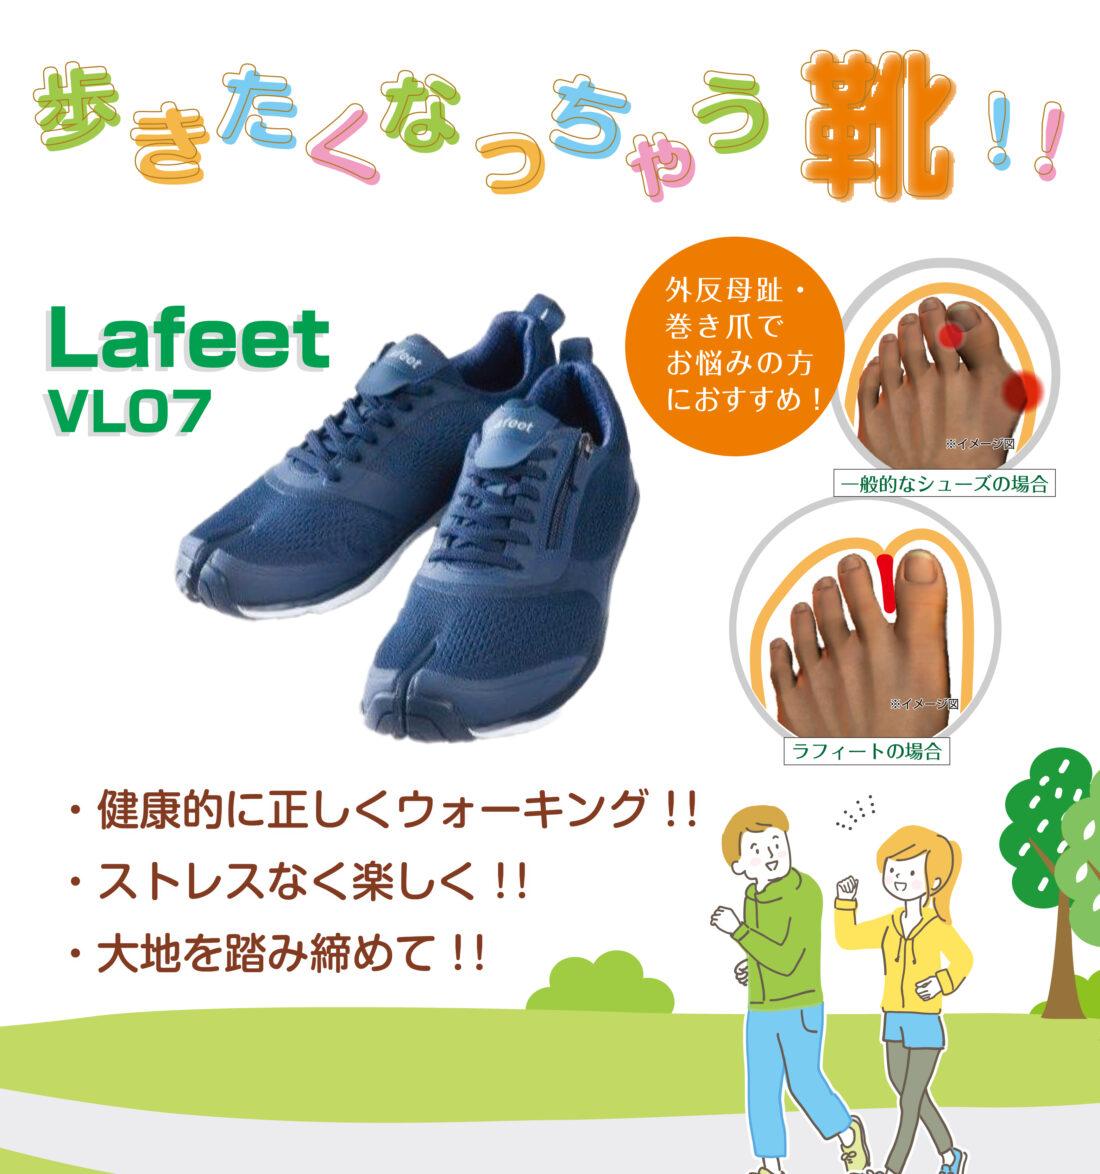 歩きたくなっちゃう靴!ラフィート!